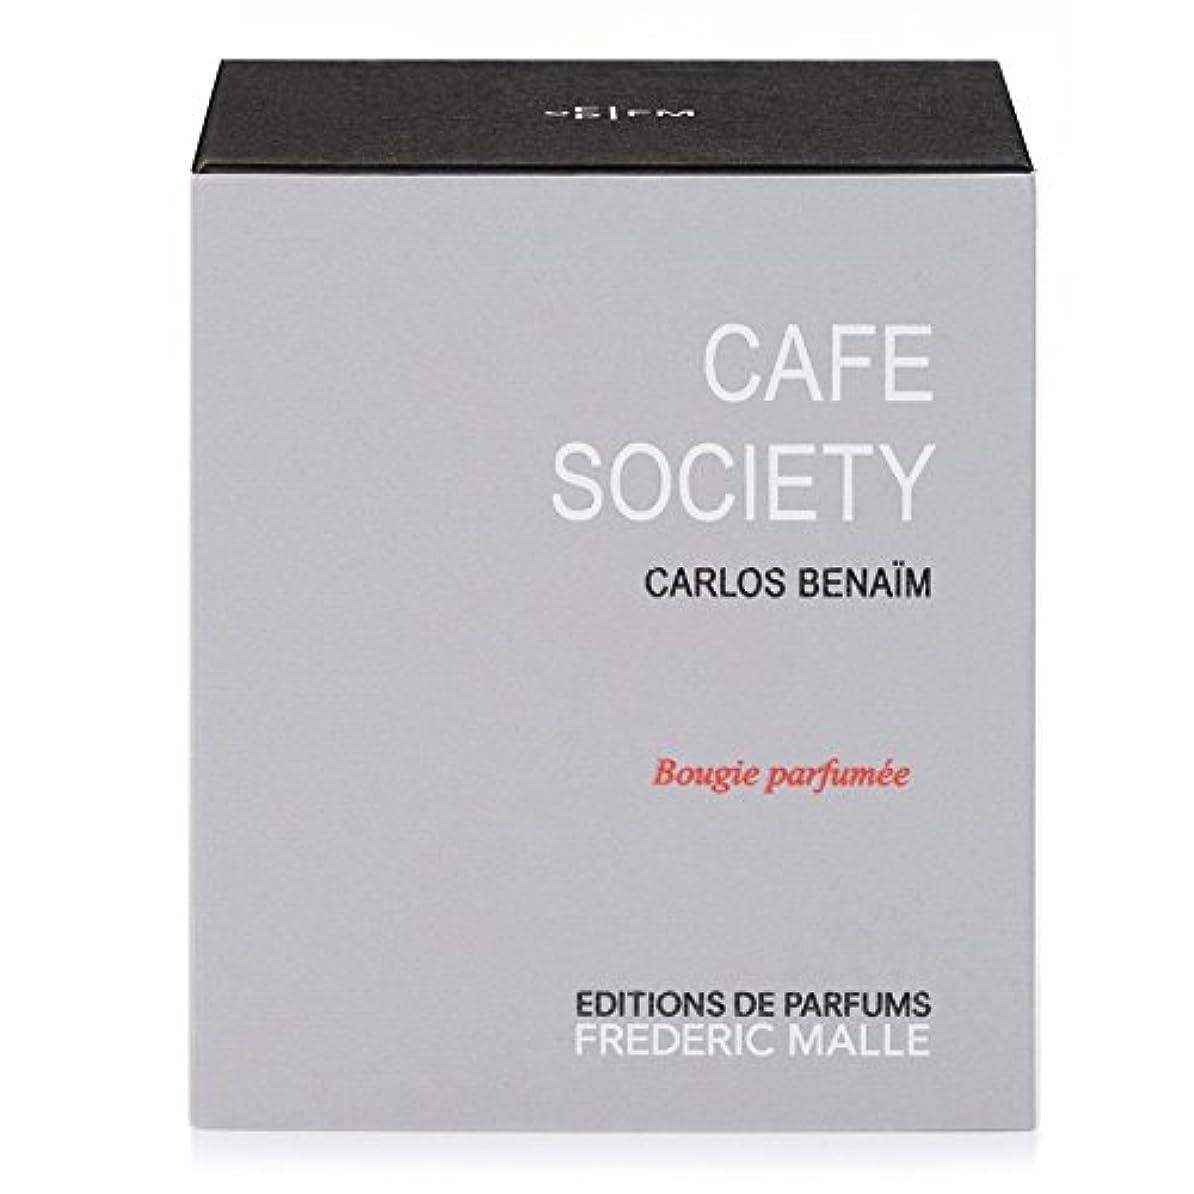 コロニー差し引く嬉しいですFrederic Malle Cafe Society Scented Candle 220g (Pack of 2) - フレデリック?マルカフェ社会の香りのキャンドル220グラム x2 [並行輸入品]